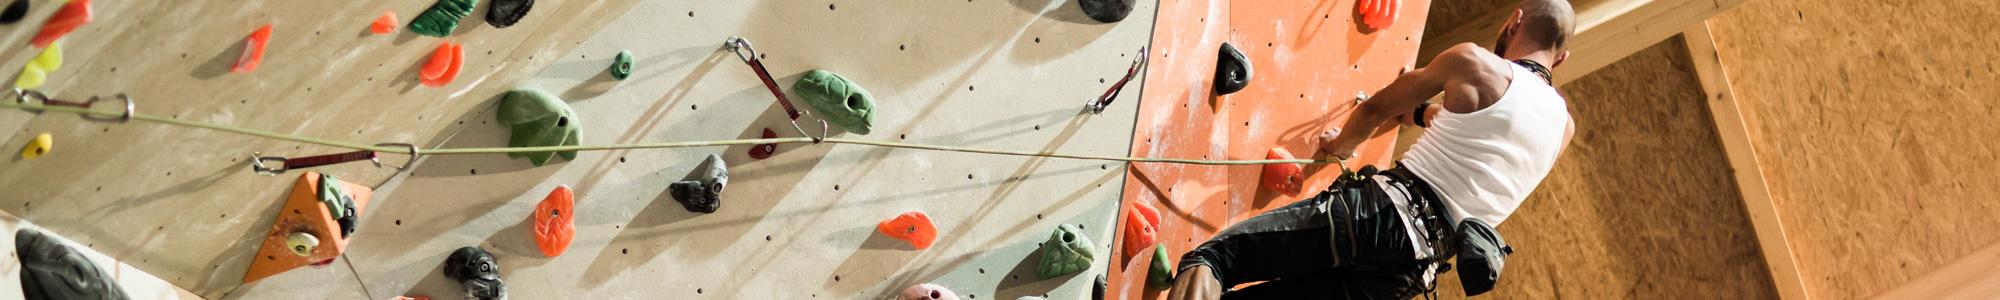 slide-klettern-02